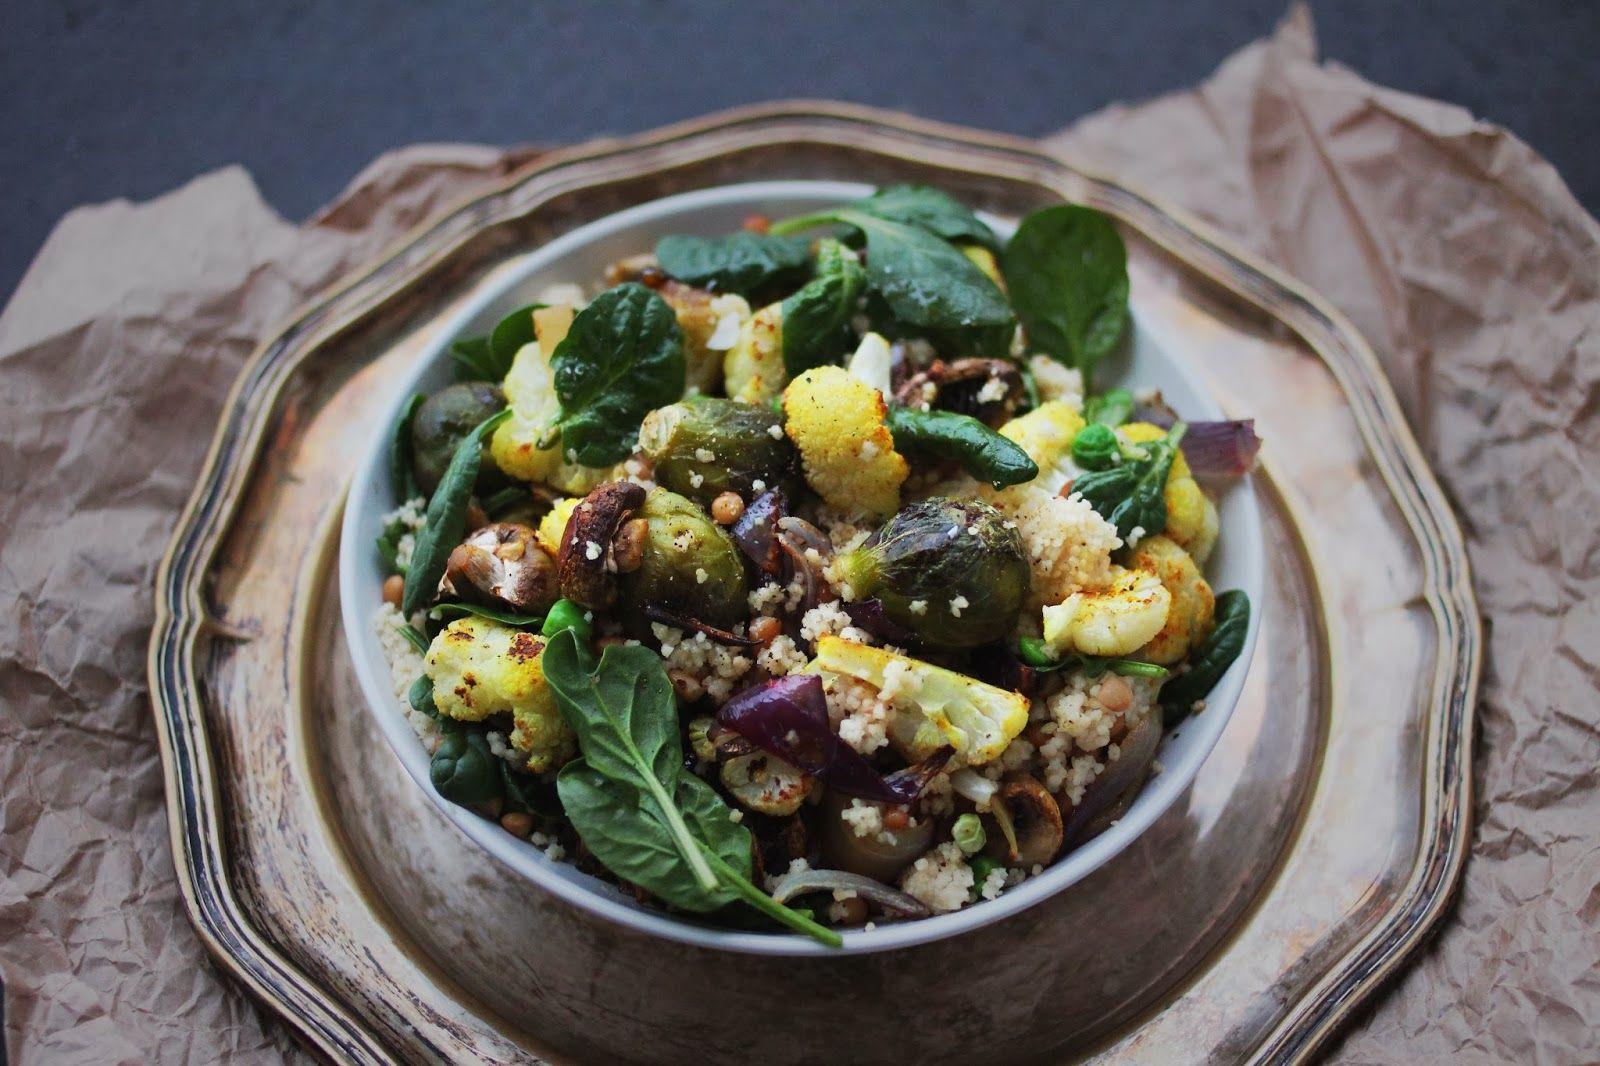 happyfoodstories: Rask hverdagsmat: couscous-salat m. linser, rosenkål & ovnsbakt karriblomkål